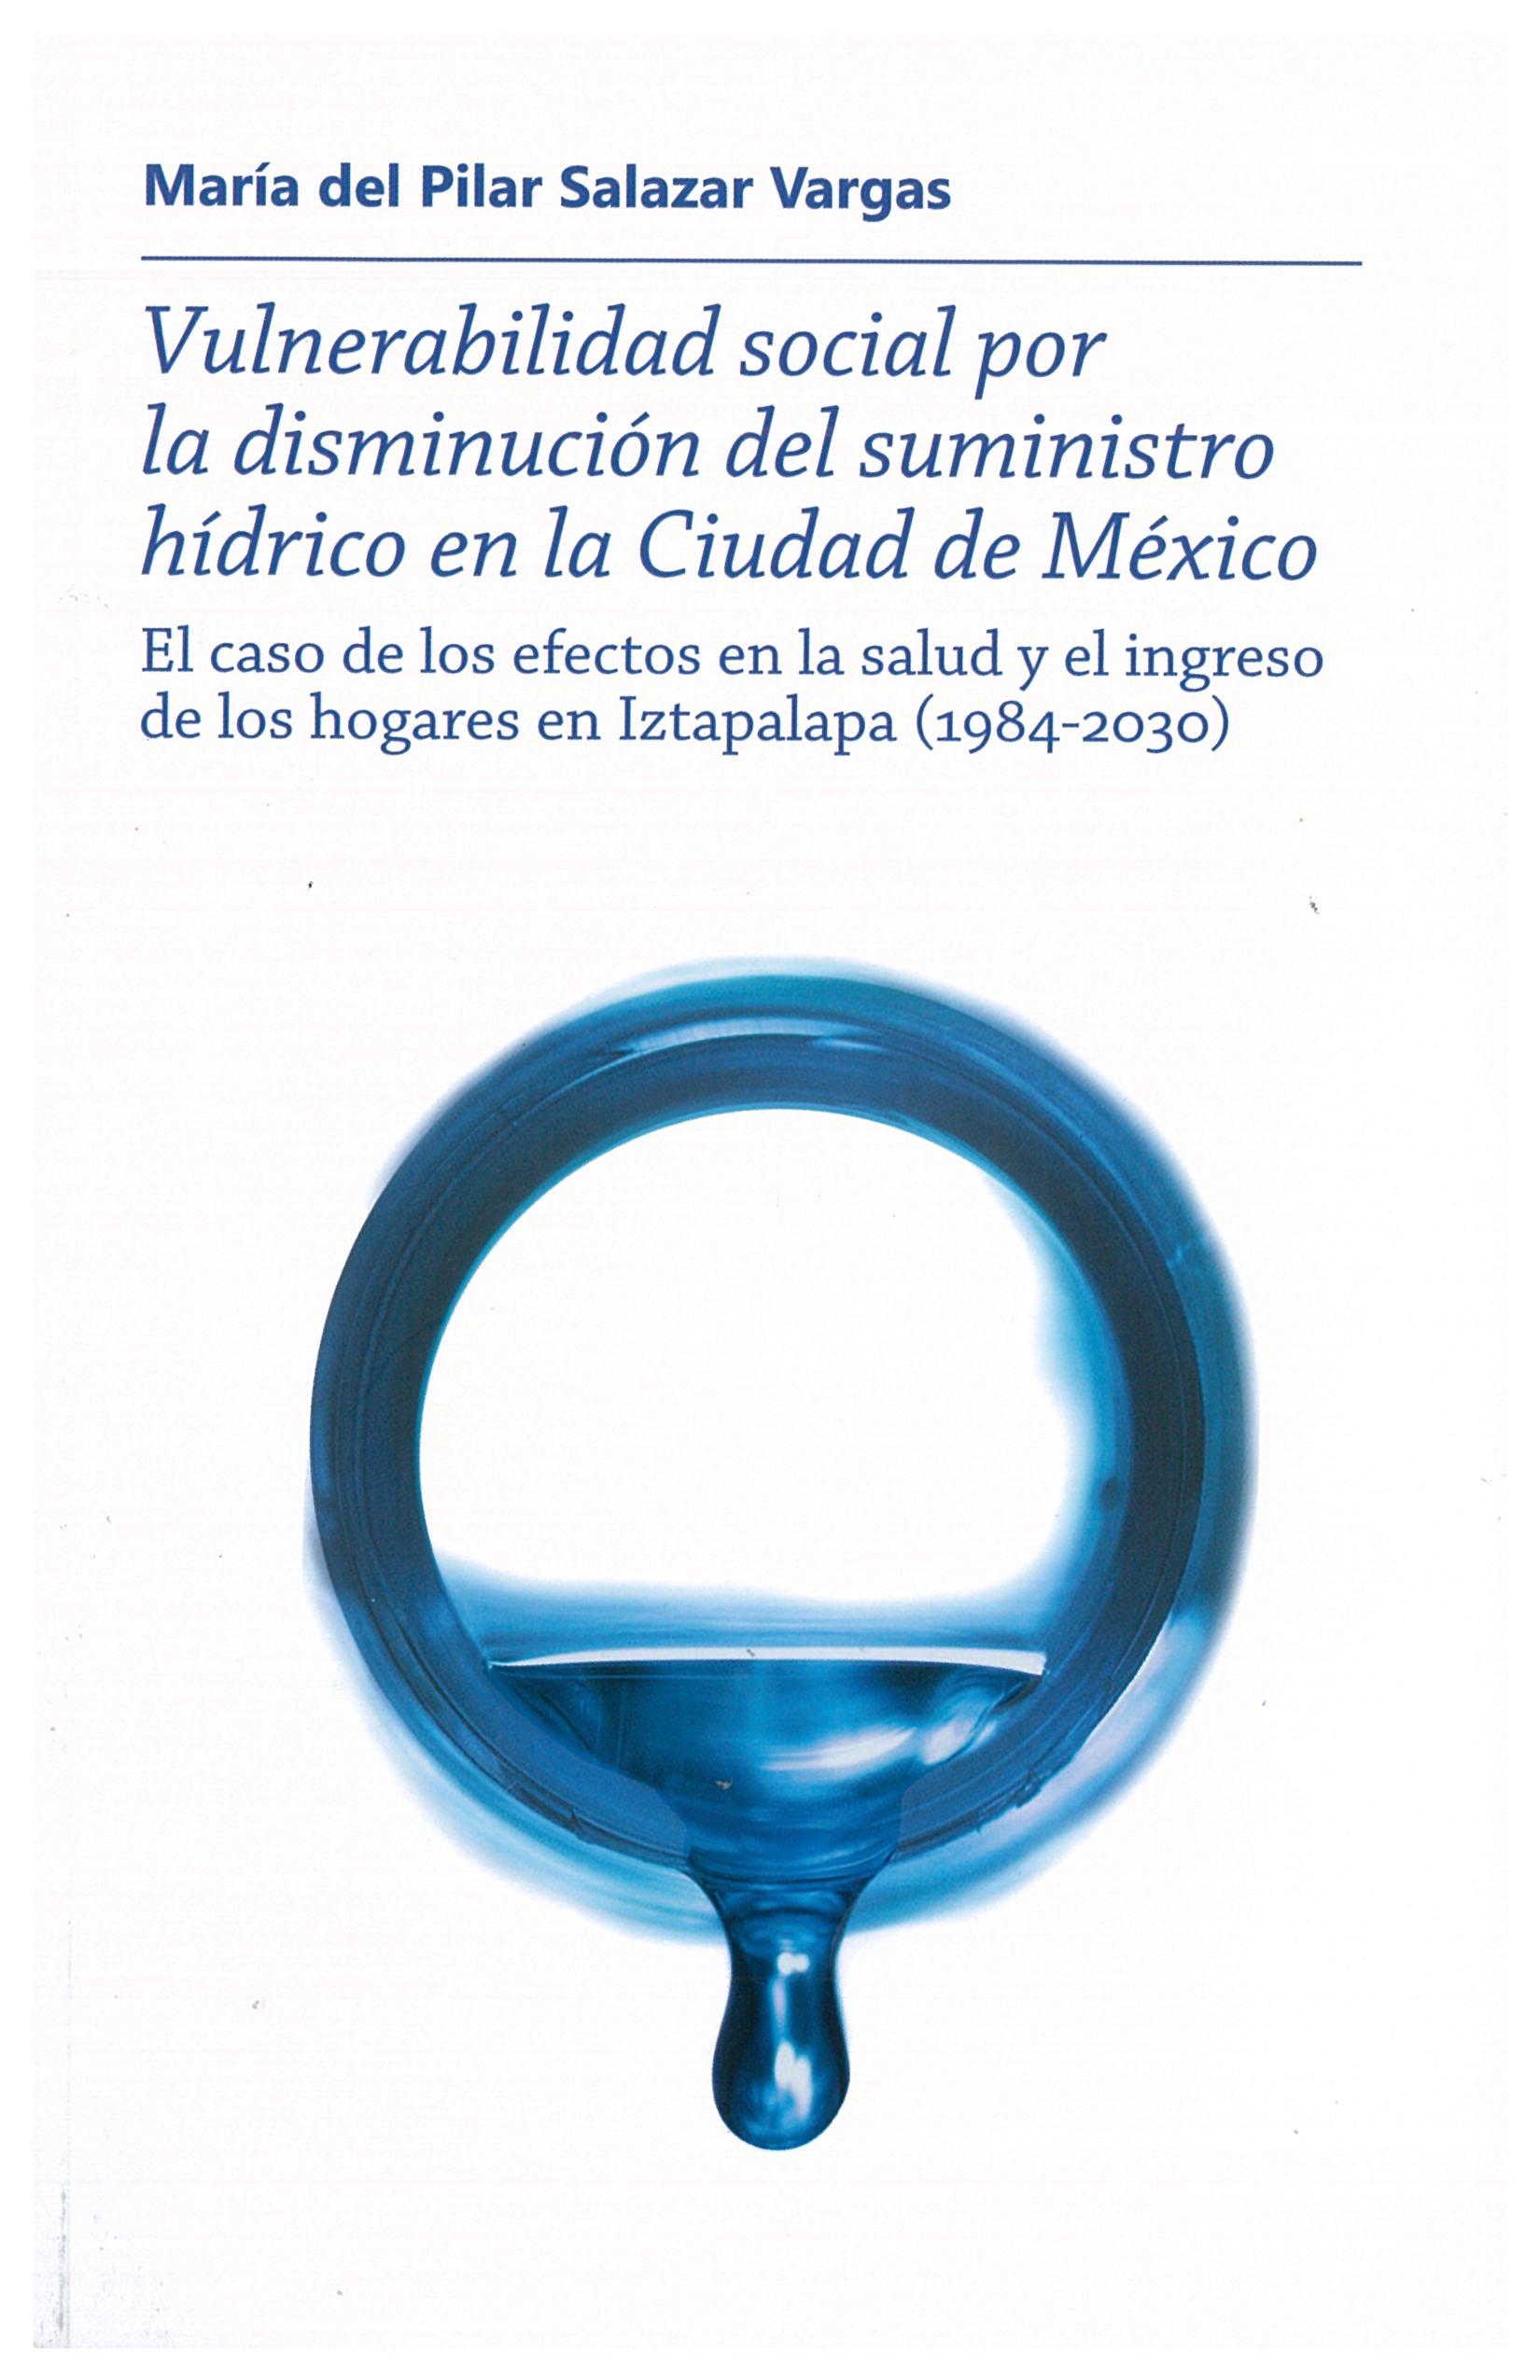 Portada de Vulnerabilidad social por la disminución del suministro hídrico en la Ciudad de México: El caso de los efectos en la salud y el ingreso de los hogares en Iztapalapa (1984-2030)